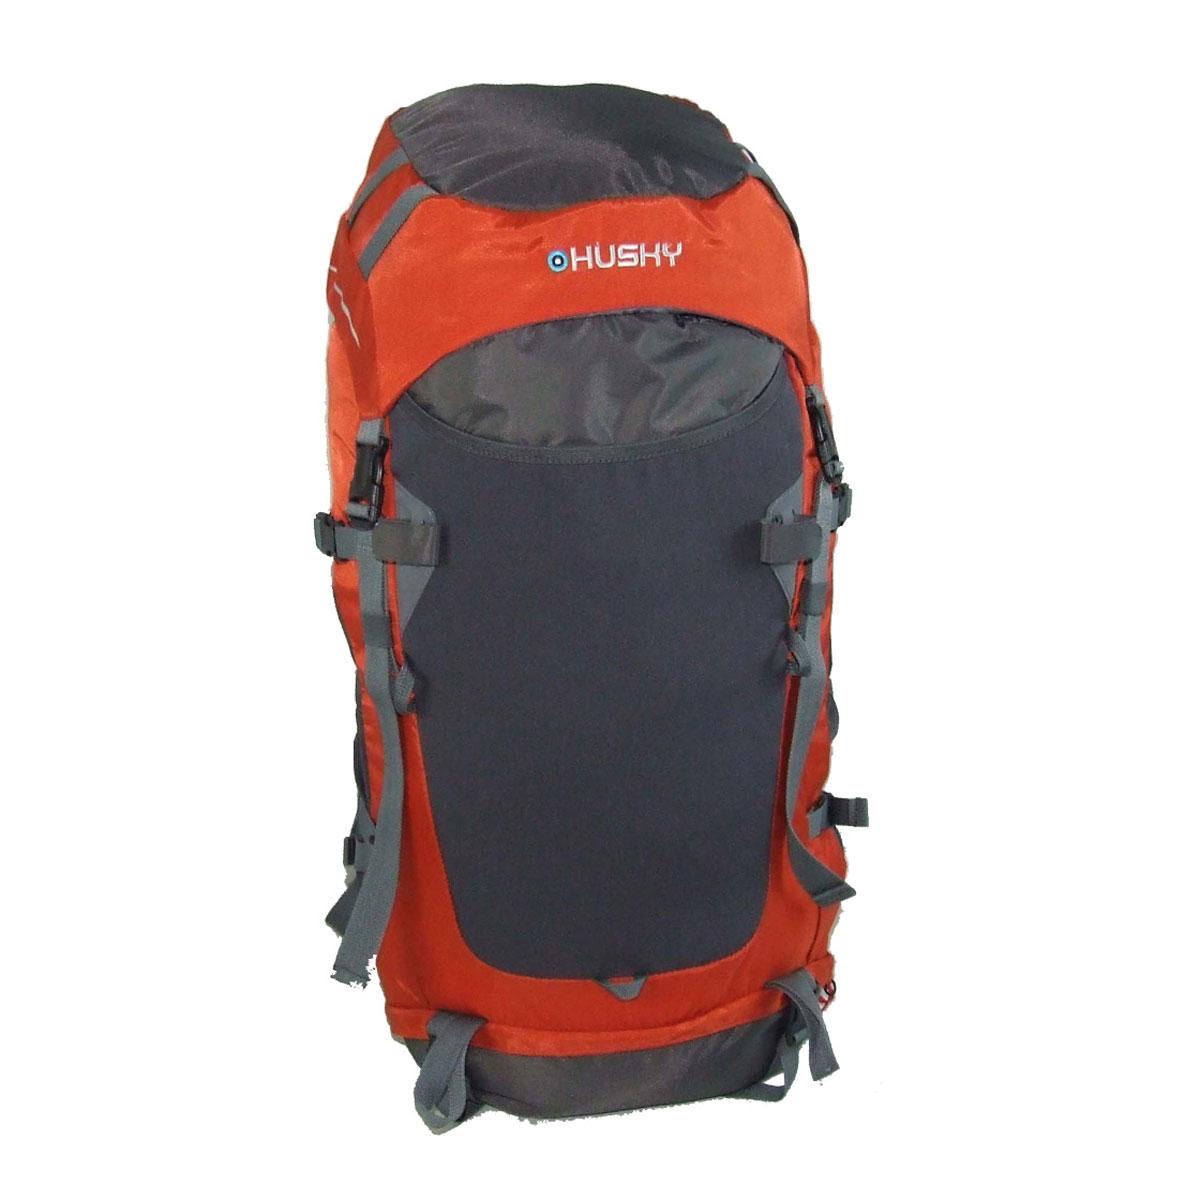 Рюкзак туристический Husky Rony 50, цвет: оранжевыйУТ-000057591Рюкзак туристический Husky Rony 50 станет Вашим незаменимым спутником во время путешествий, отдыха на свежем воздухе или занятий спортом. Вместительное внутреннее отделение, множество внешних карманов вместят все необходимо снаряжение, при этом вес рюкзака равномерно распределяется на вашу спину и плечи благодаря спинке анатомической формы с ребрами жесткости. Удобные плечевые лямки и поясной ремень надежно зафиксируют рюкзак на спине во время сложного похода.Особенности: два отделения с боковым входом, водонепроницаемая легкая ткань, жесткая спина из пластика EVA,дюралюминиевые вставки,боковые карманы-сетки,держатели для палок, ледоруба,регулируемая крышка-карман,накидка от дождя, молнии YKK,система вентиляции спины ETS,место для гидратора,светоотражающие элементы,материал: Нейлон 420D 100T, нейлон RipStop 200D W/P.